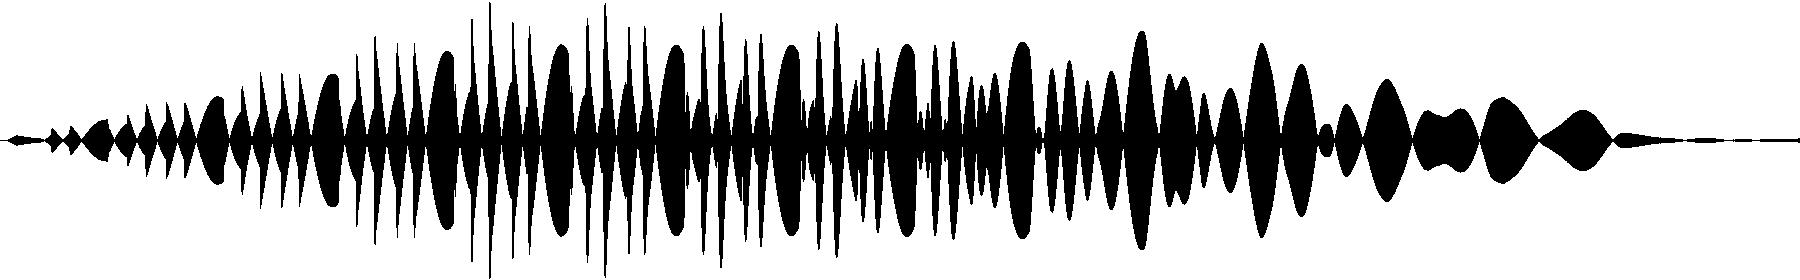 veh2 synths   041 c